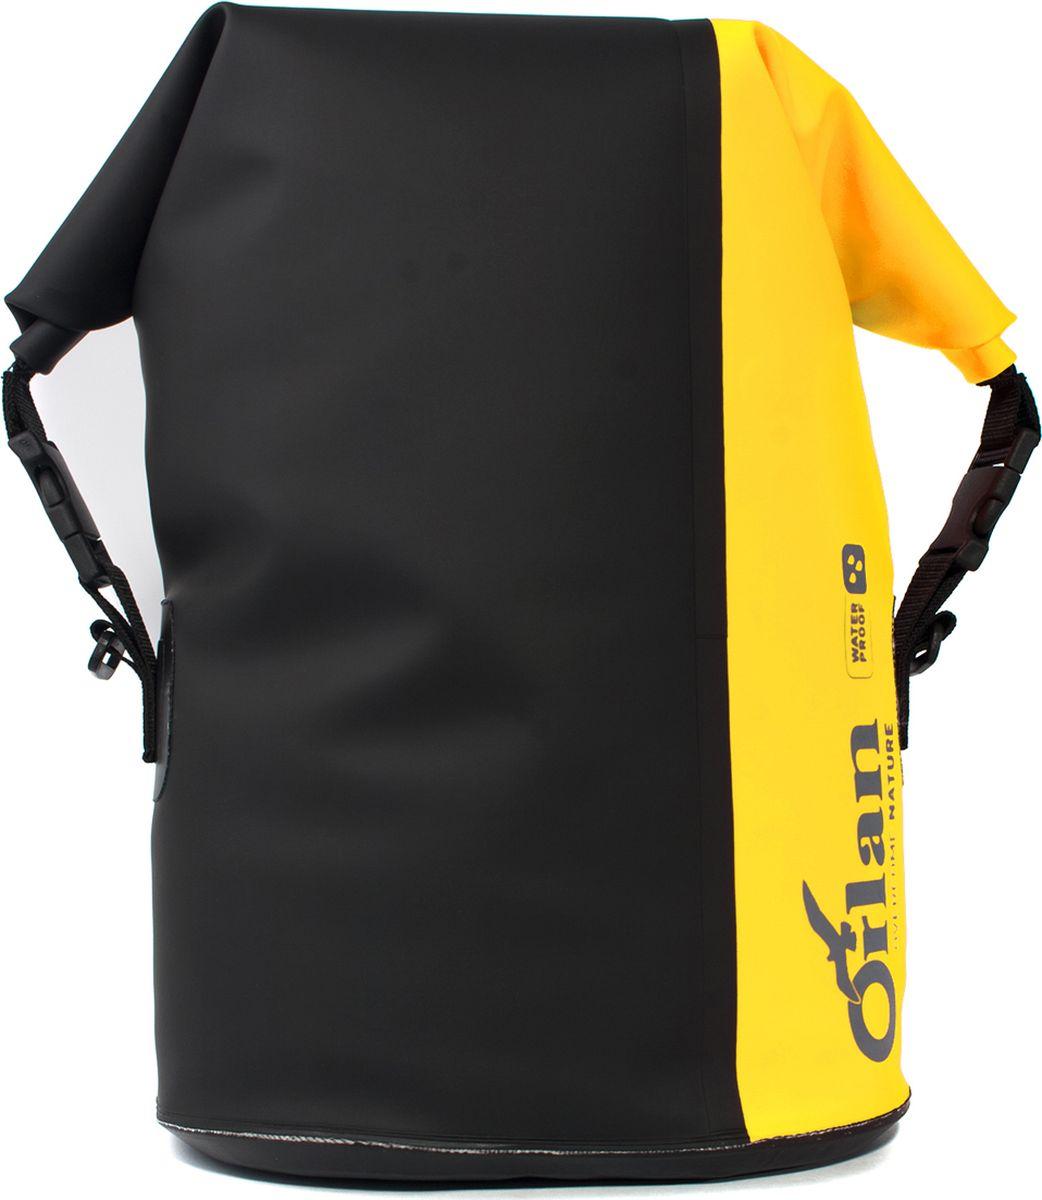 Сумка велосипедная Orlan Экстрим, герметичная, цвет: желтый, 30 лGV12B101P101L15B2Комплект состоит из 2-х сумок (правая, лева я). Вместительные, яркие , герметичные велосумки серии Экстрим. Удобные надежные крепления на багажник велосипеда при помощи крючков. Дополнительная фиксация клапаном и стяжка к средней стойки багажника . Яркий сигнальный цвет сумки сделает вас замене на дороге, для безопасной езды в ночное время - световозвращающий катафот. Имеют усиленное двуслойное дно сумки , жесткую вкладку с внутренней стороны для защиты от истирания. Легко моются. Используемые материалы: Сумка: Комбинация тканей ПВХ литая. Усиления дна и задней части: ПВХ 650 гр.